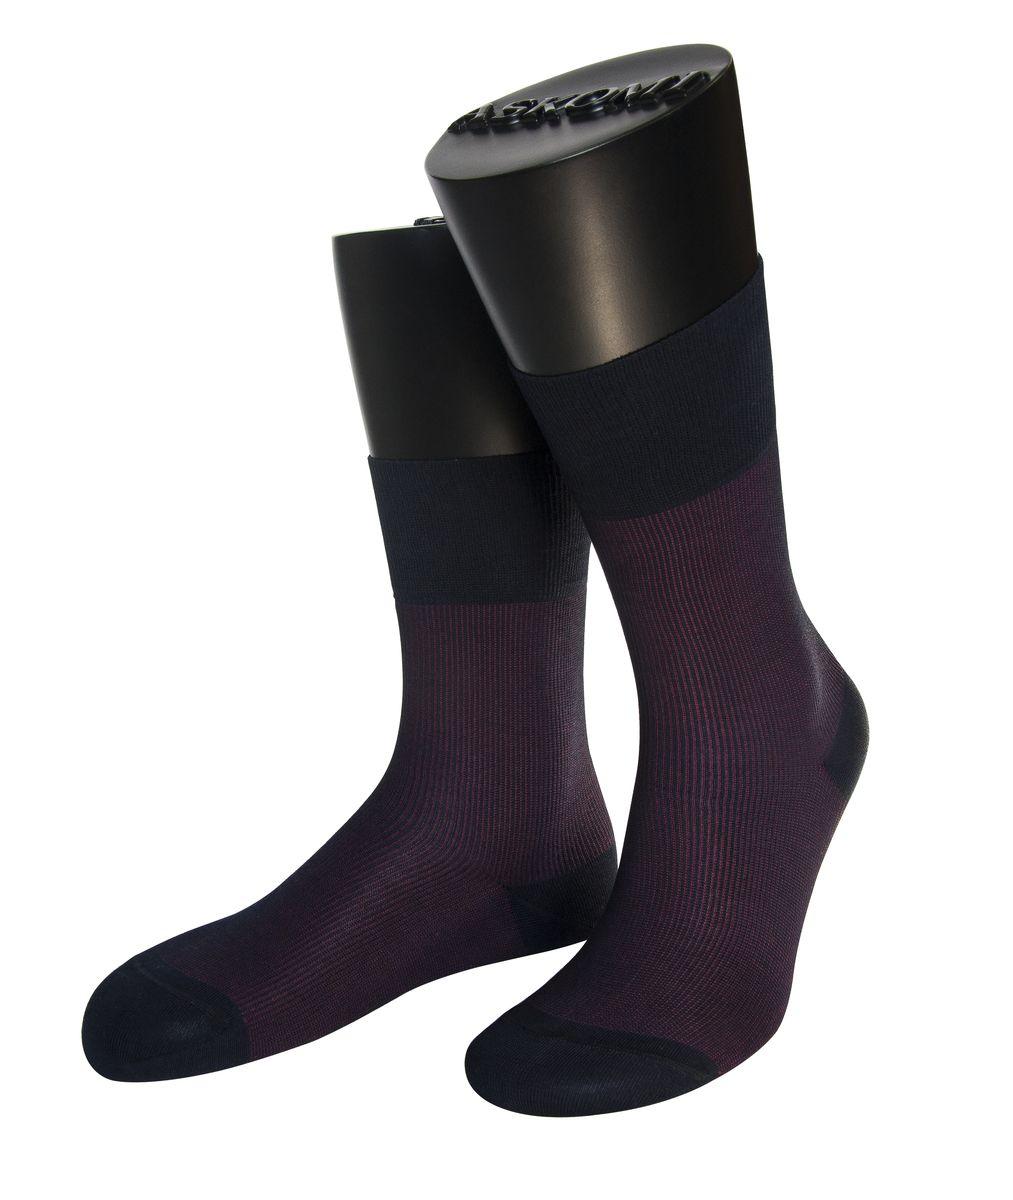 НоскиАМ-7701_1979Мужские носки Askomi Casual выполнены из мерсеризованного хлопка с добавлением полиамида. Двойной борт для плотной фиксации не пережимает сосуды. Укрепление мыска и пятки для идеальной прочности. Кеттельный шов не ощутим для ноги.